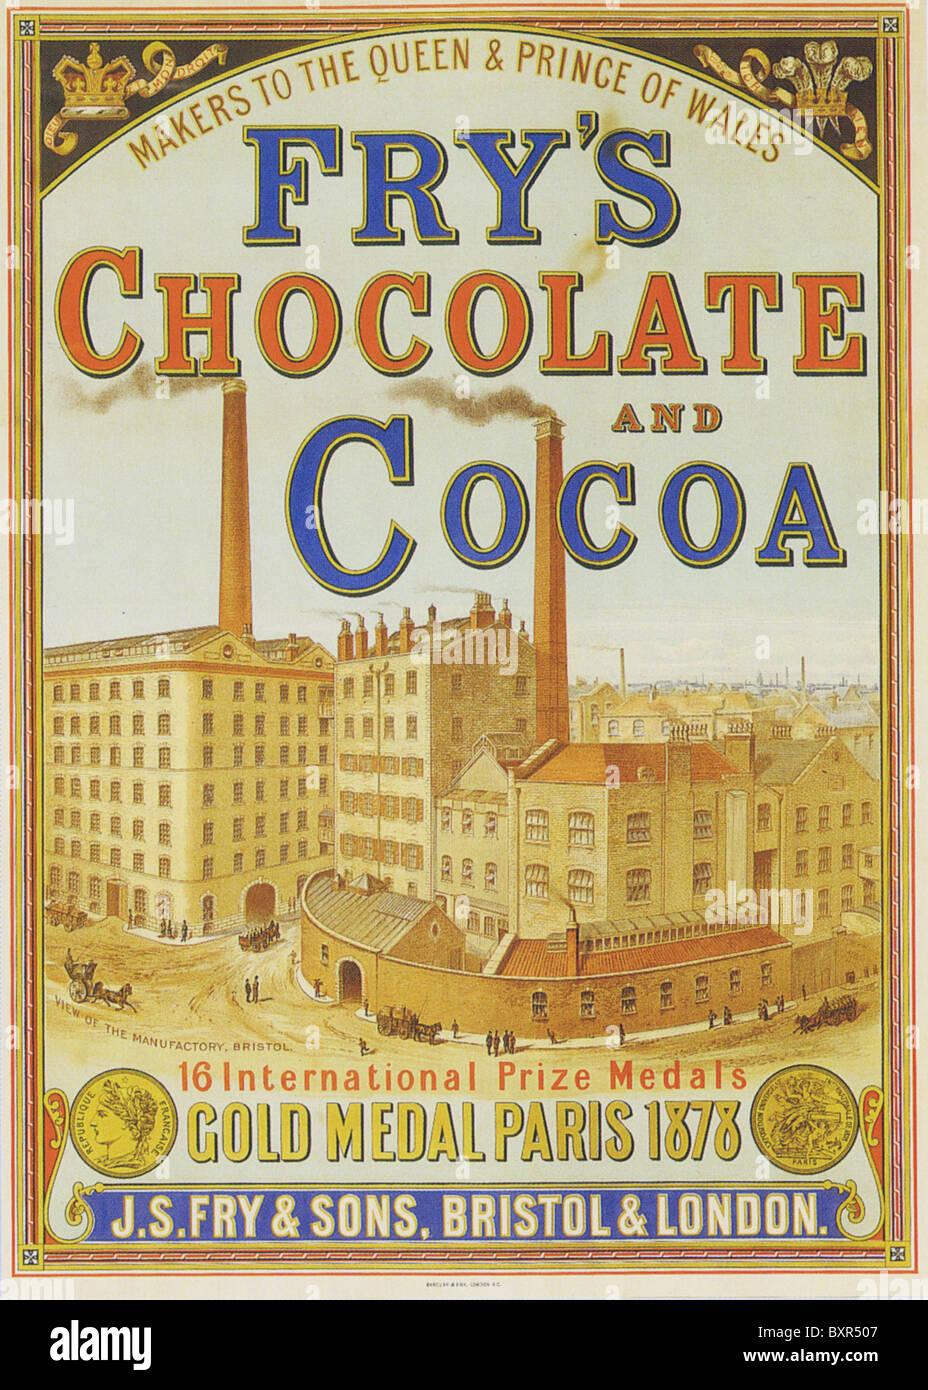 FRY'S cioccolato e cacao advert 1880 Immagini Stock